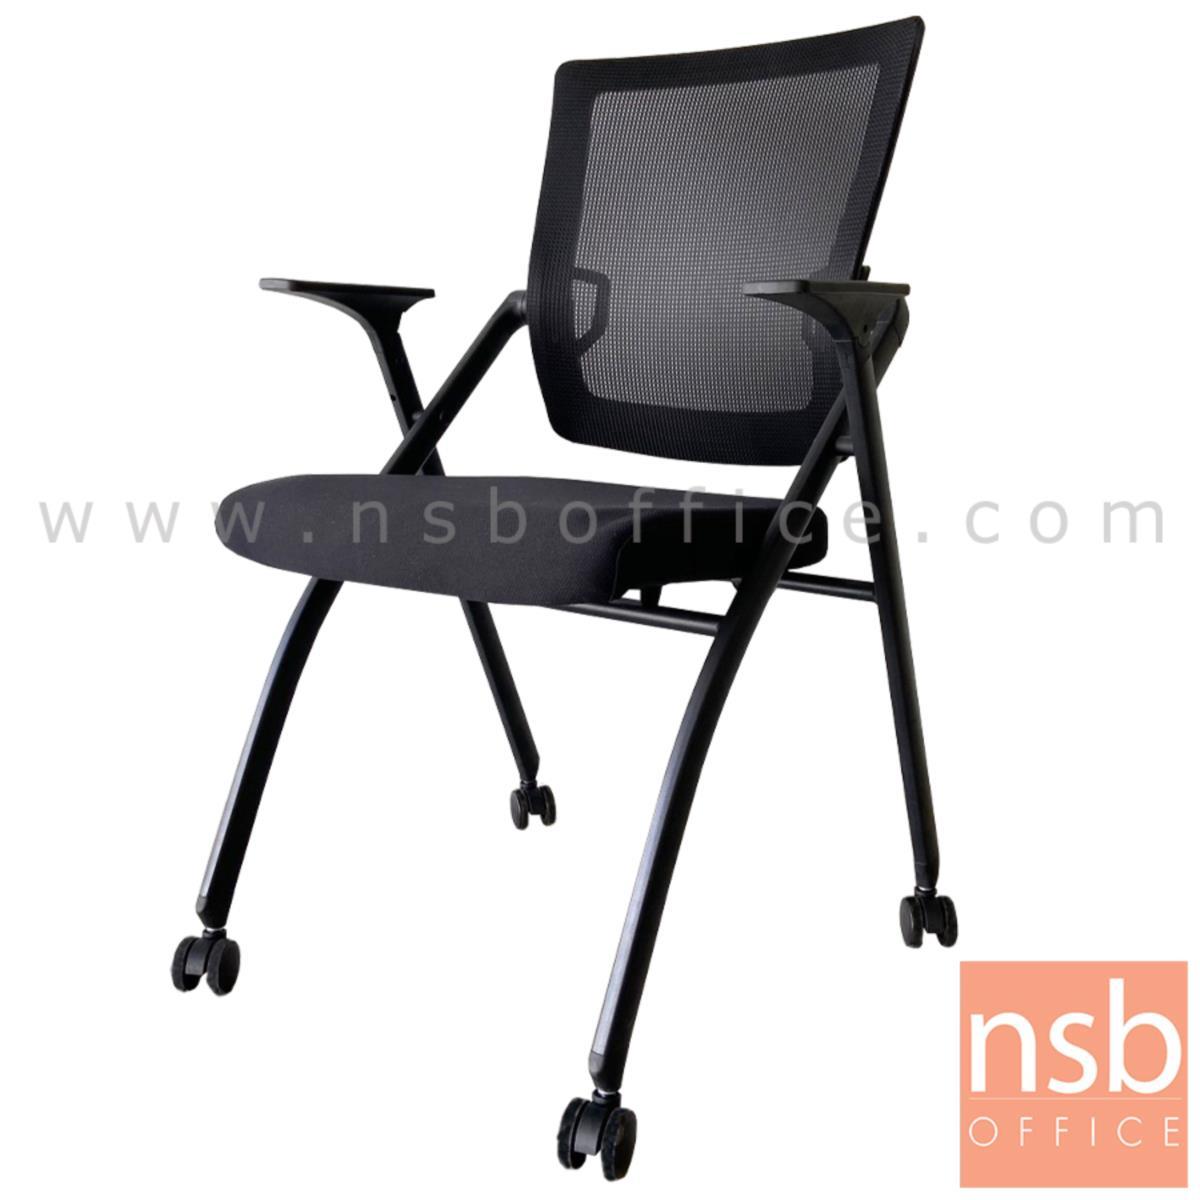 B30A058:เก้าอี้สำนักงานหลังเน็ต รุ่น Daho (ดาโฮ)  ขาเหล็กพ่นสีดำ